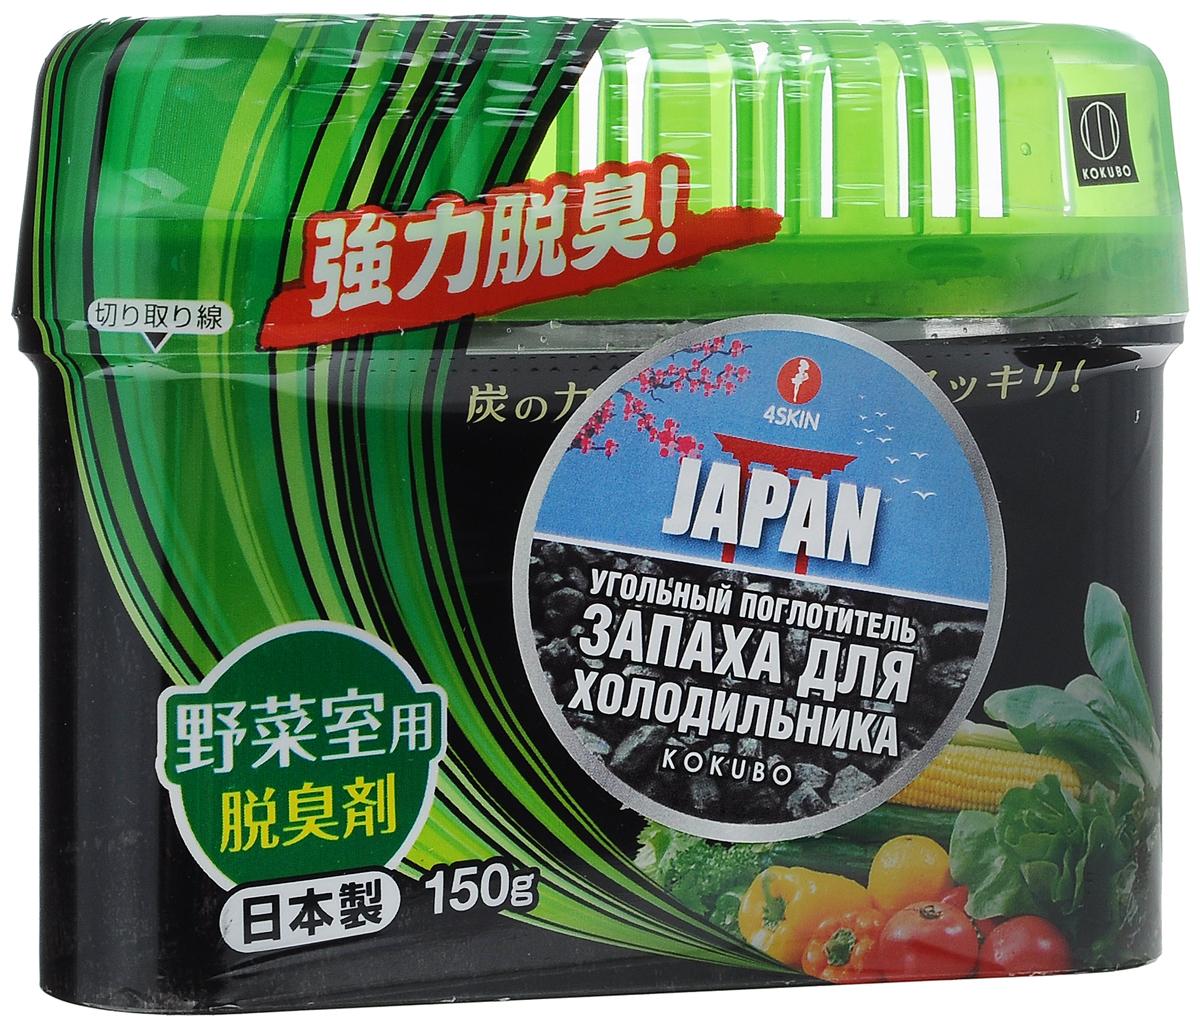 """Поглотитель запаха для холодильника KOKUBO """"Sumi-Ban"""" поглощает неприятные запахи, даже очень резкие и стойкие. Идеально подходит для использования на овощной полке холодильника. Способствует долгому сохранению свежести и вкусовых качеств продуктов в холодильнике. Содержит древесный уголь, благодаря которому обеспечивается длительный антибактериальный эффект. Продолжительность действия до 2-х месяцев при объеме холодильника до 450-ти литров.  Состав: очищенная вода, гелиевый наполнитель, древесный уголь, активированный уголь.  Вес: 150 г."""